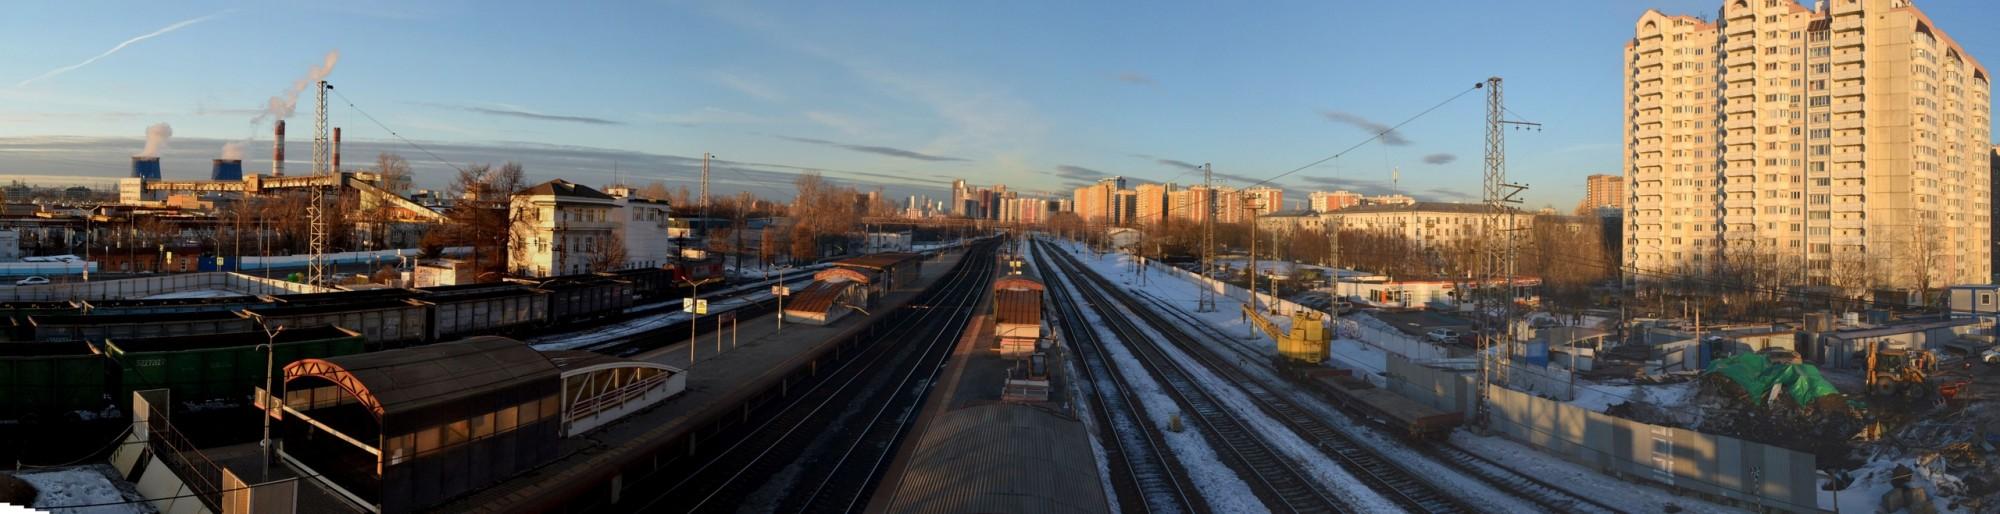 2021.03.24 панорама станции Очаково (склейка)